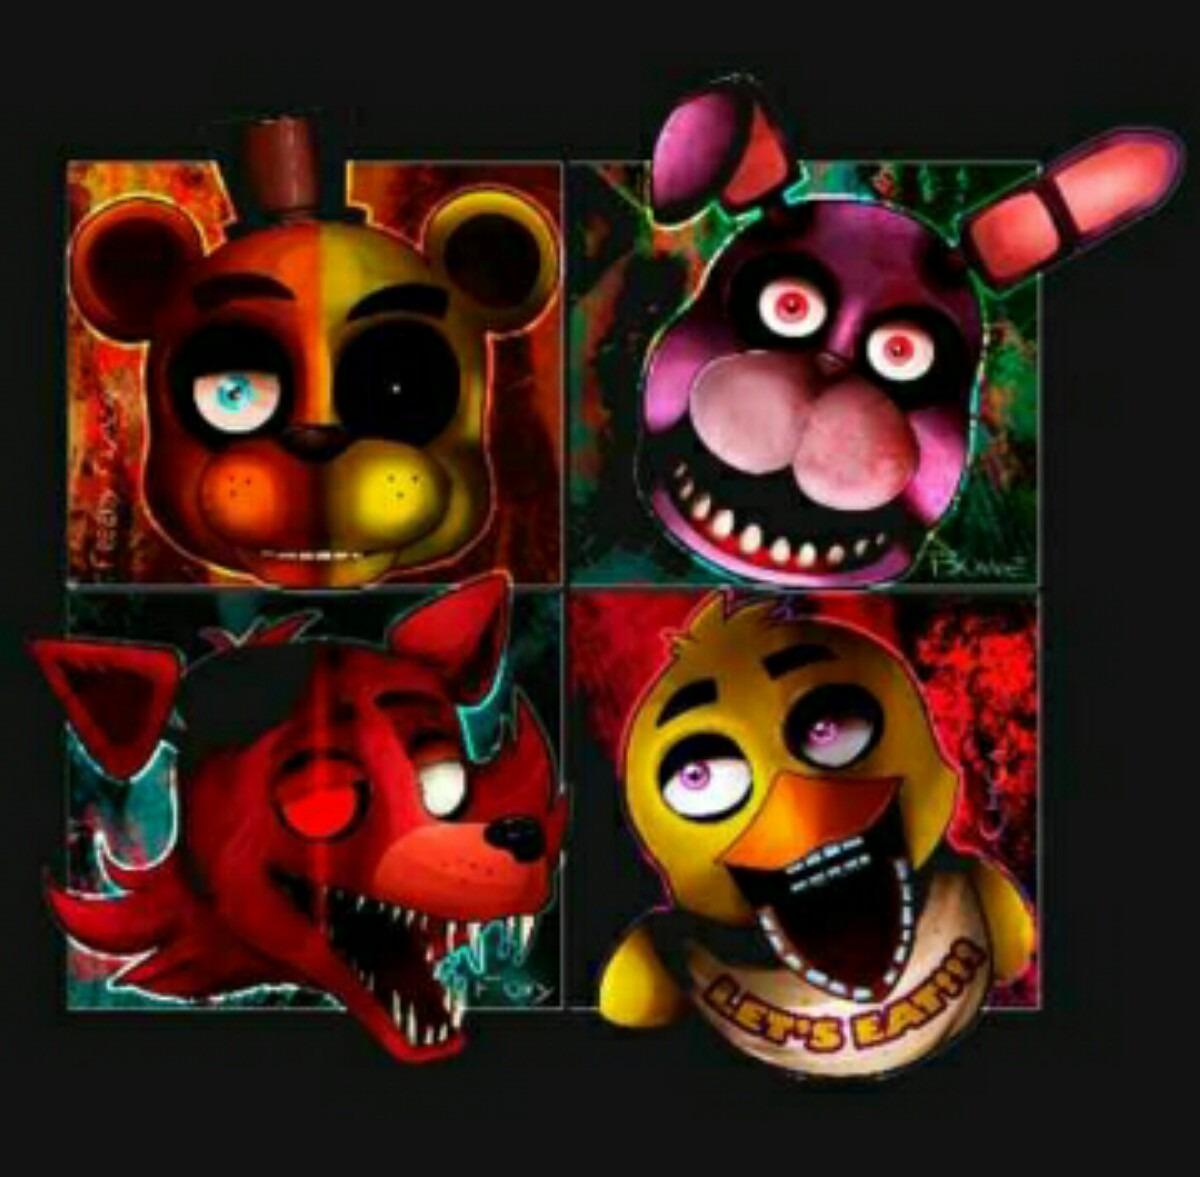 Cute Freddy Fazbear Wallpaper Five Nights At Freddy S Set 6 Personajes 214 00 En